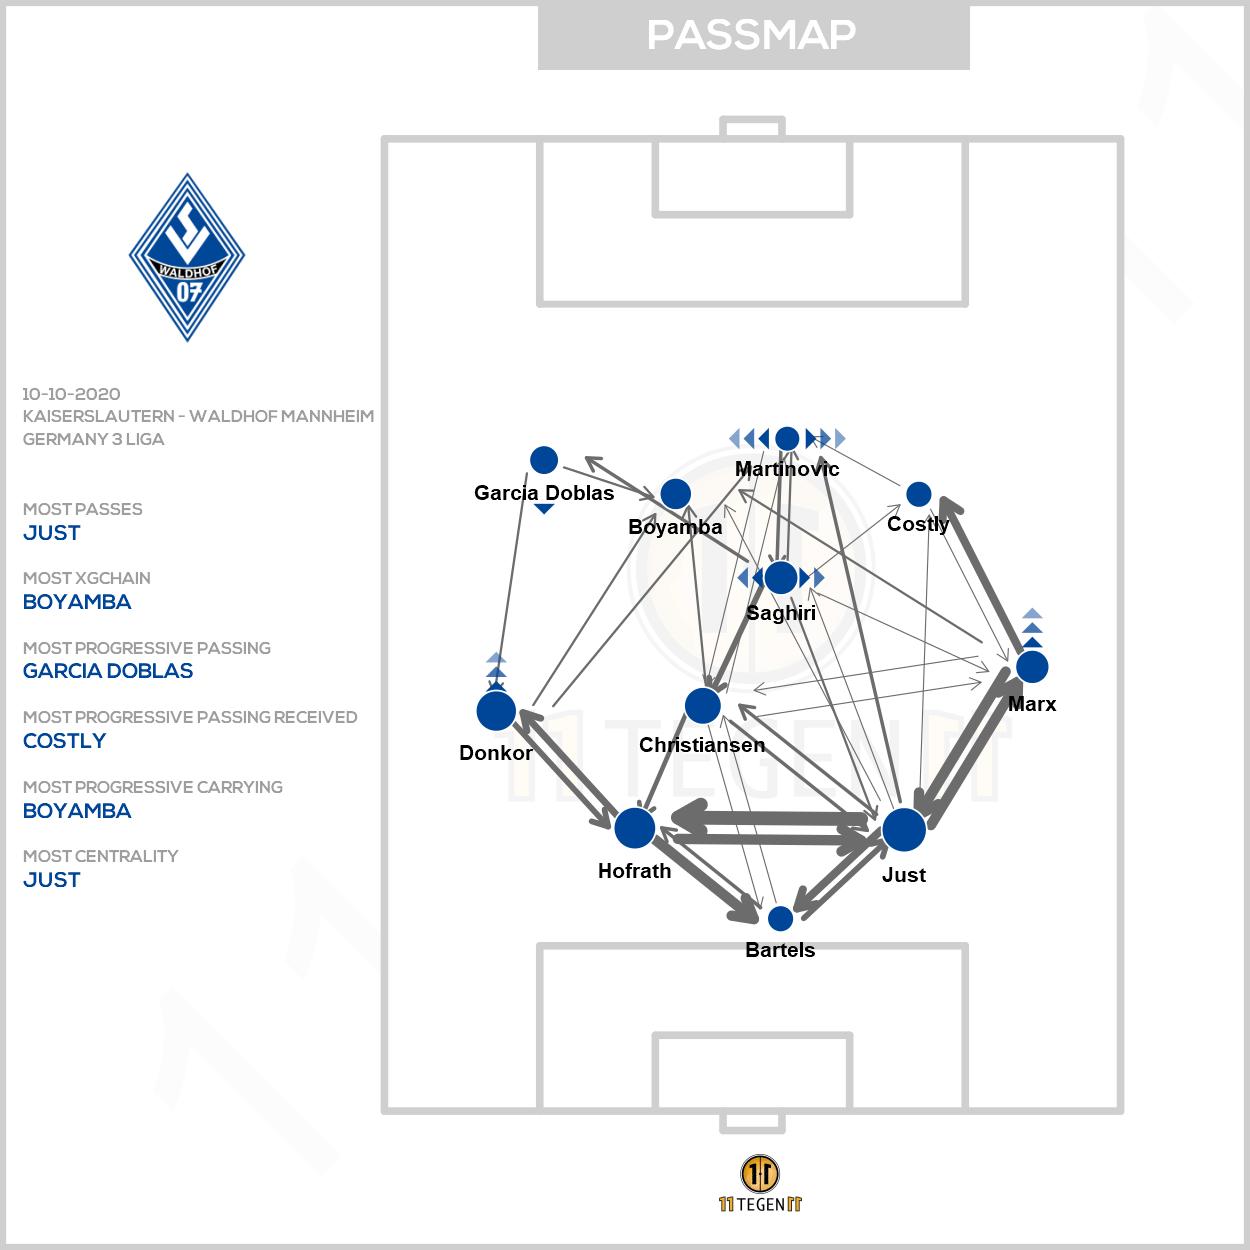 xG-Passmap (Waldhof)